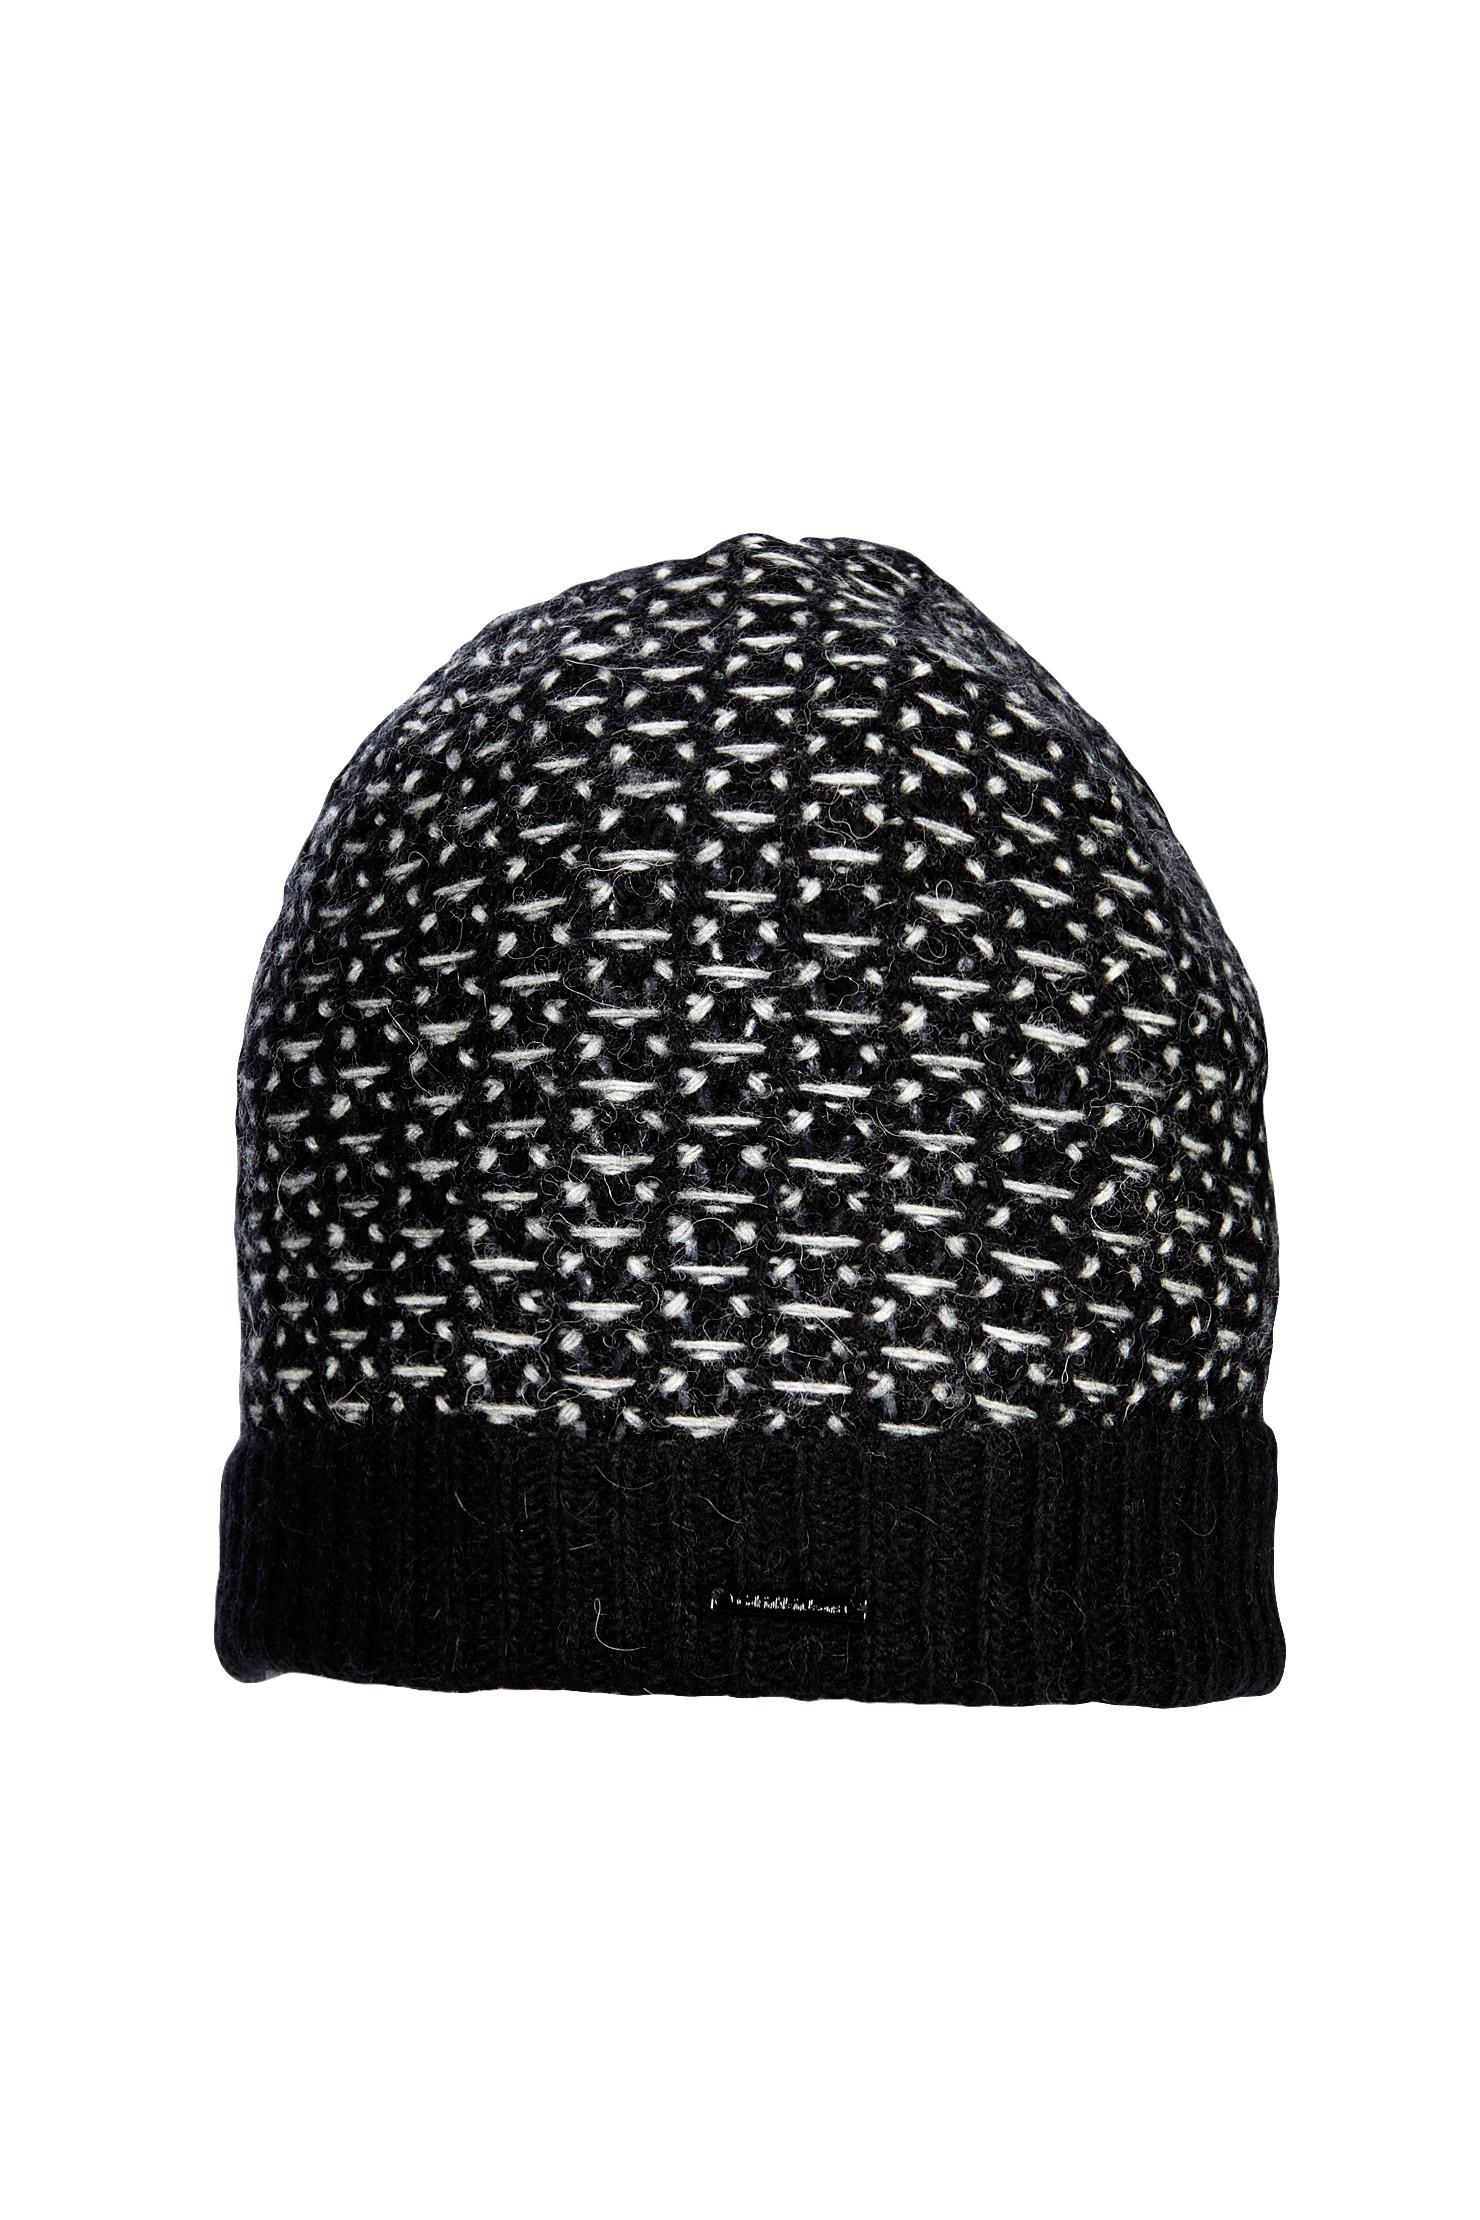 calvin klein cap hat in black lyst